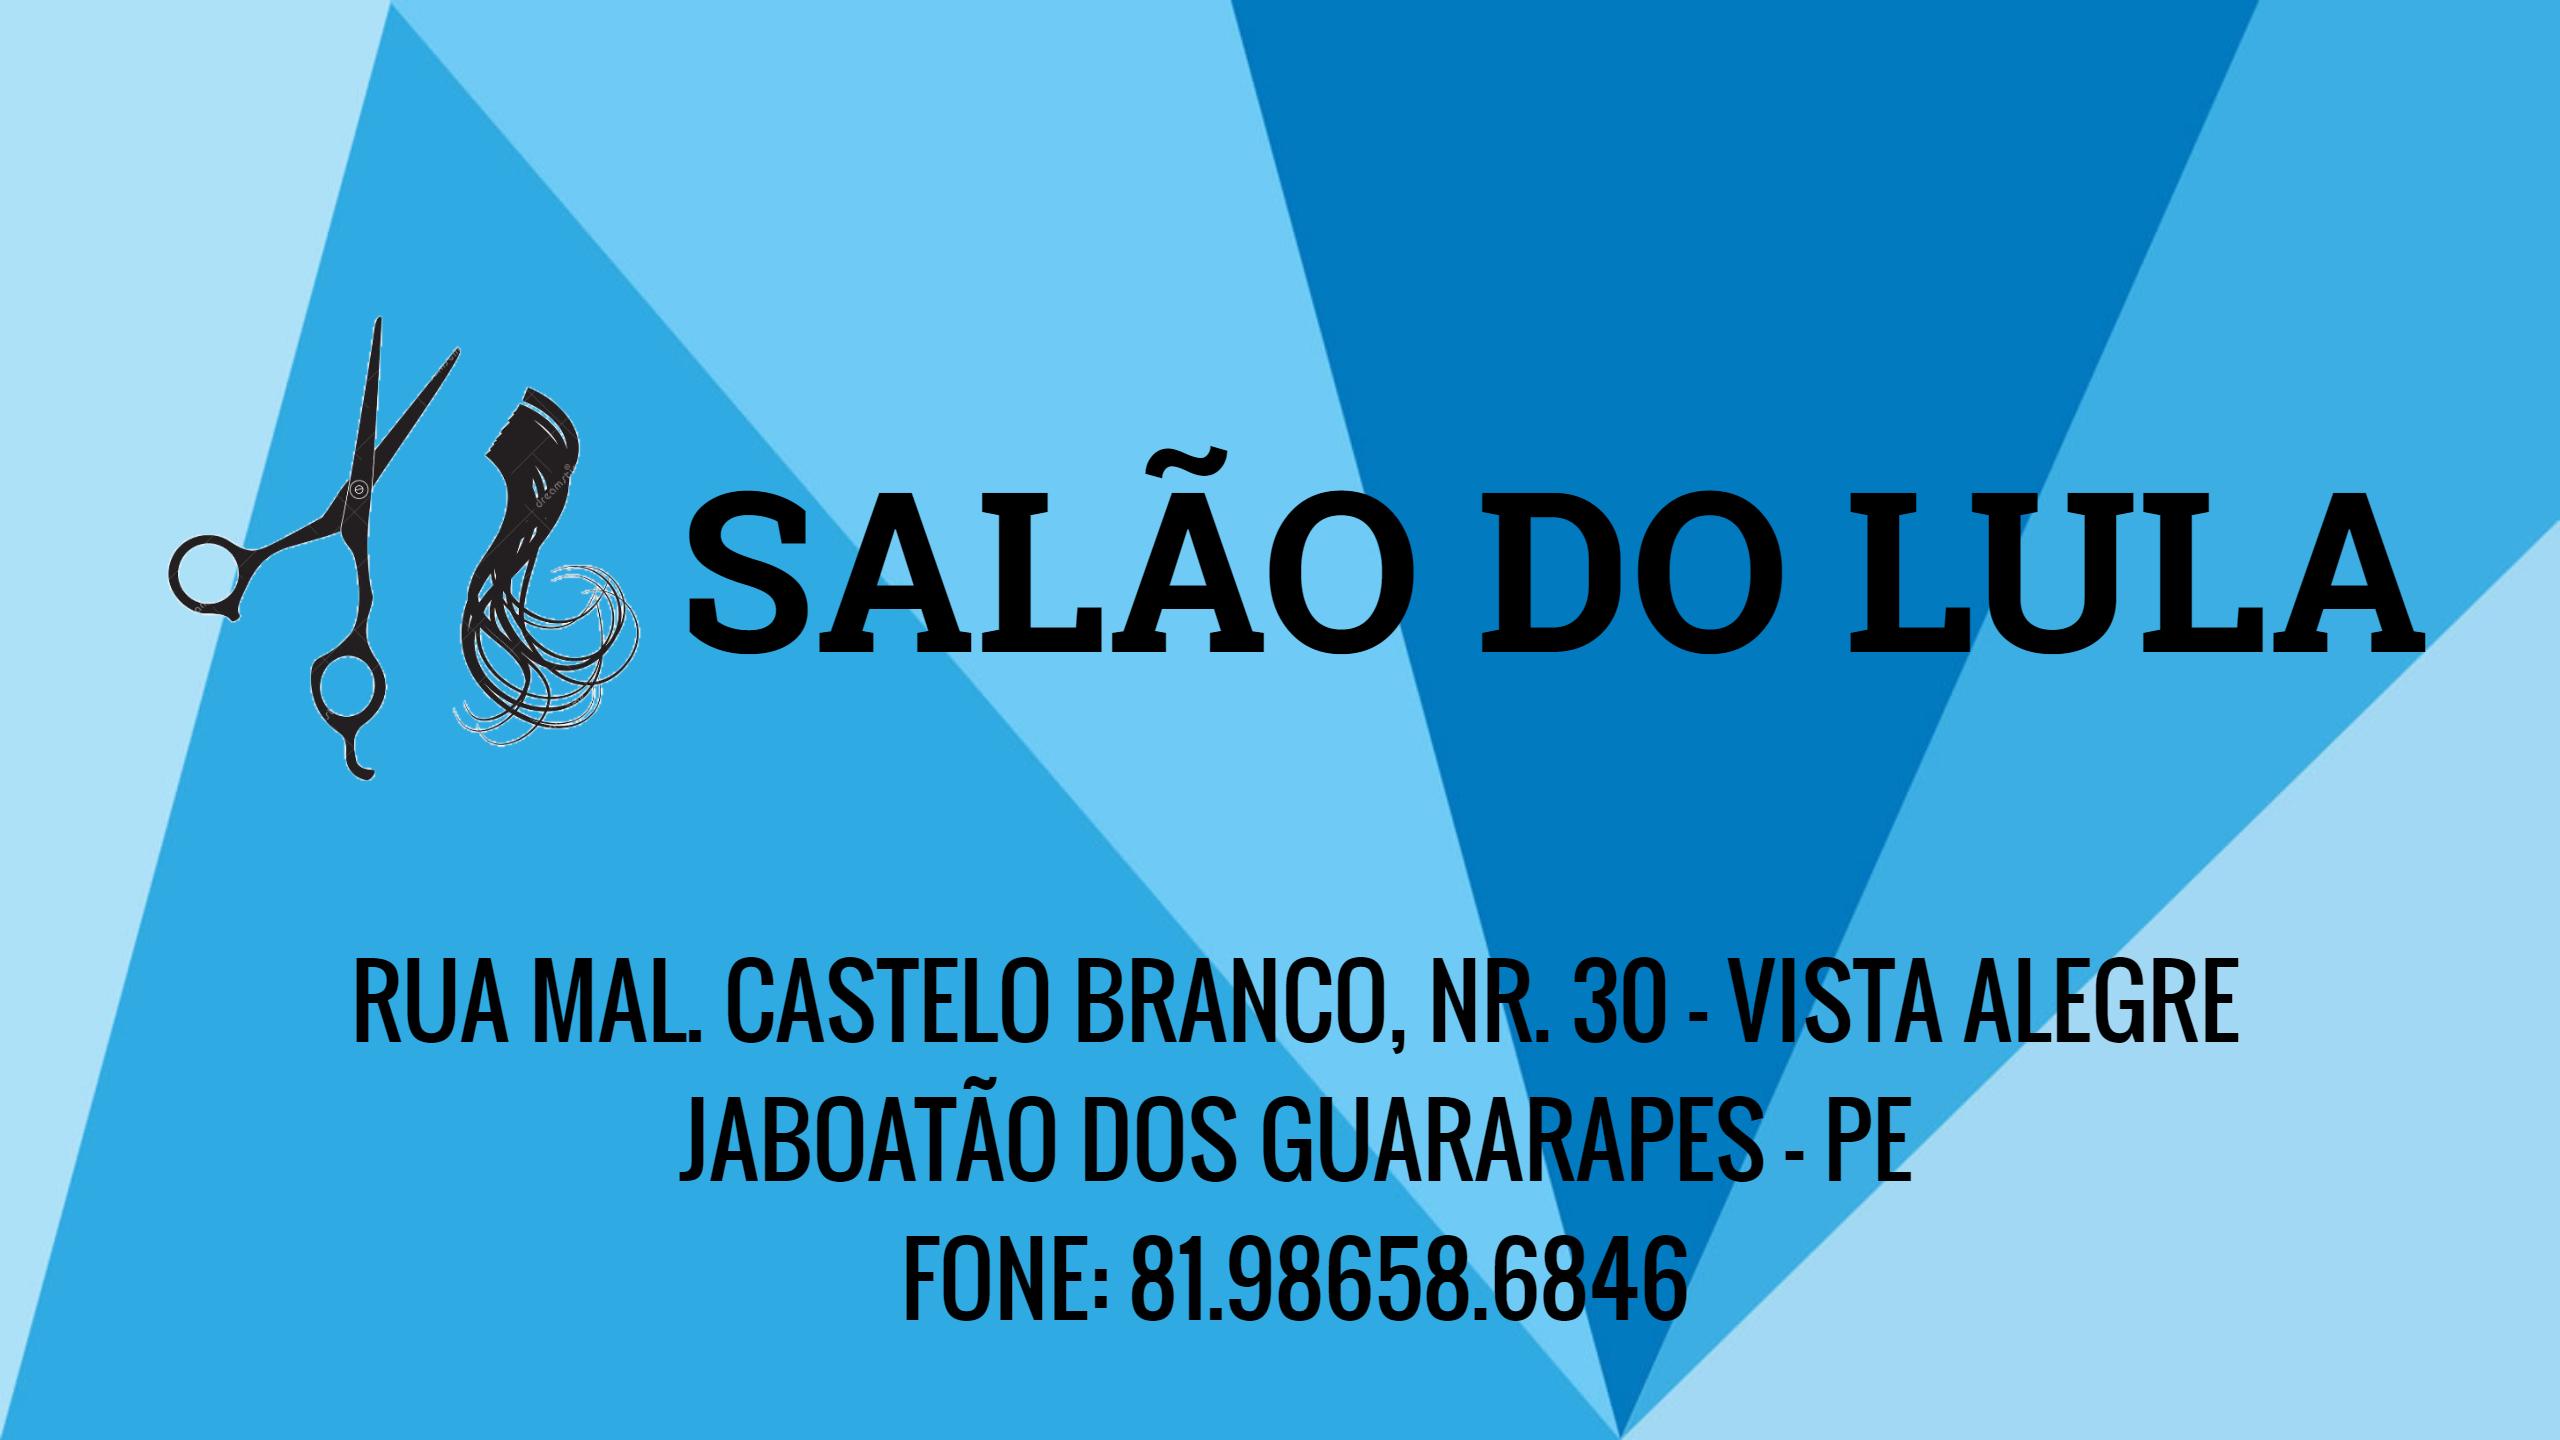 SALÃO DO LULA